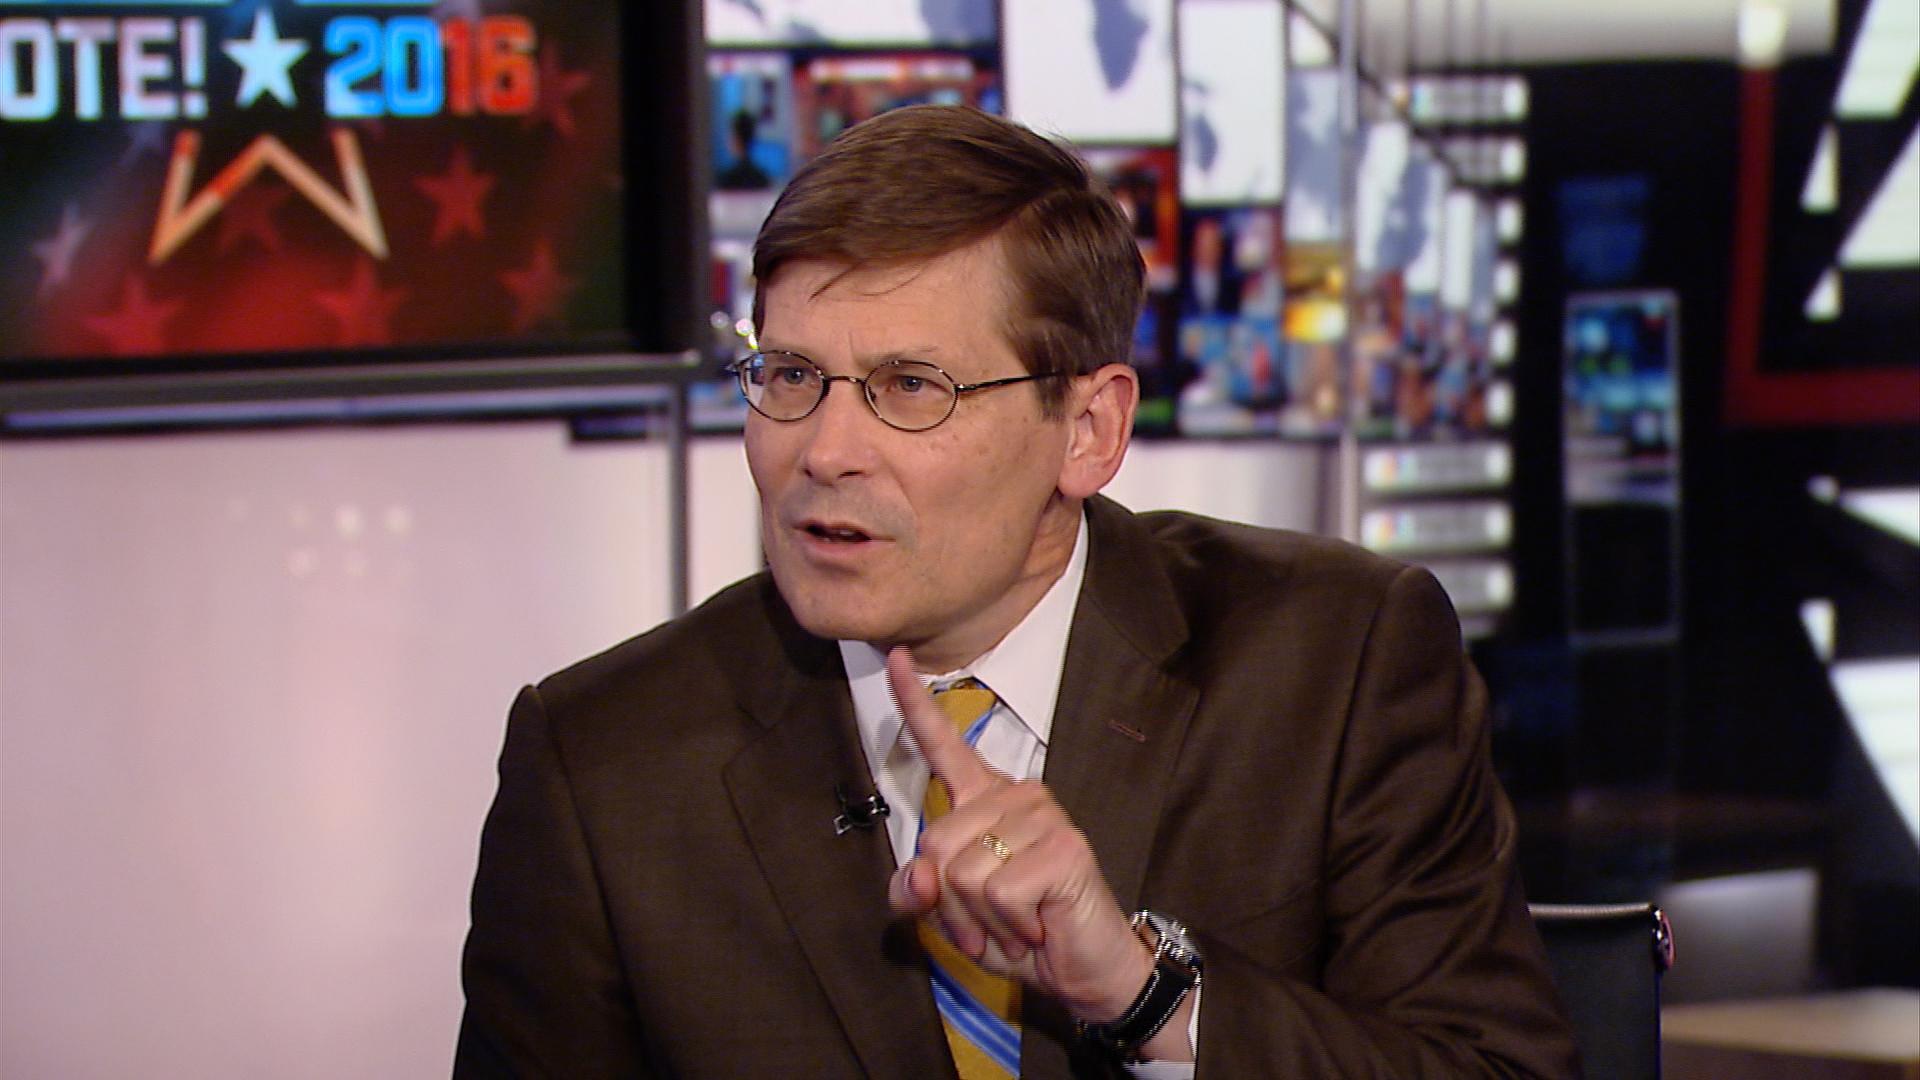 Fmr. CIA Deputy Director grilled on Iraq War